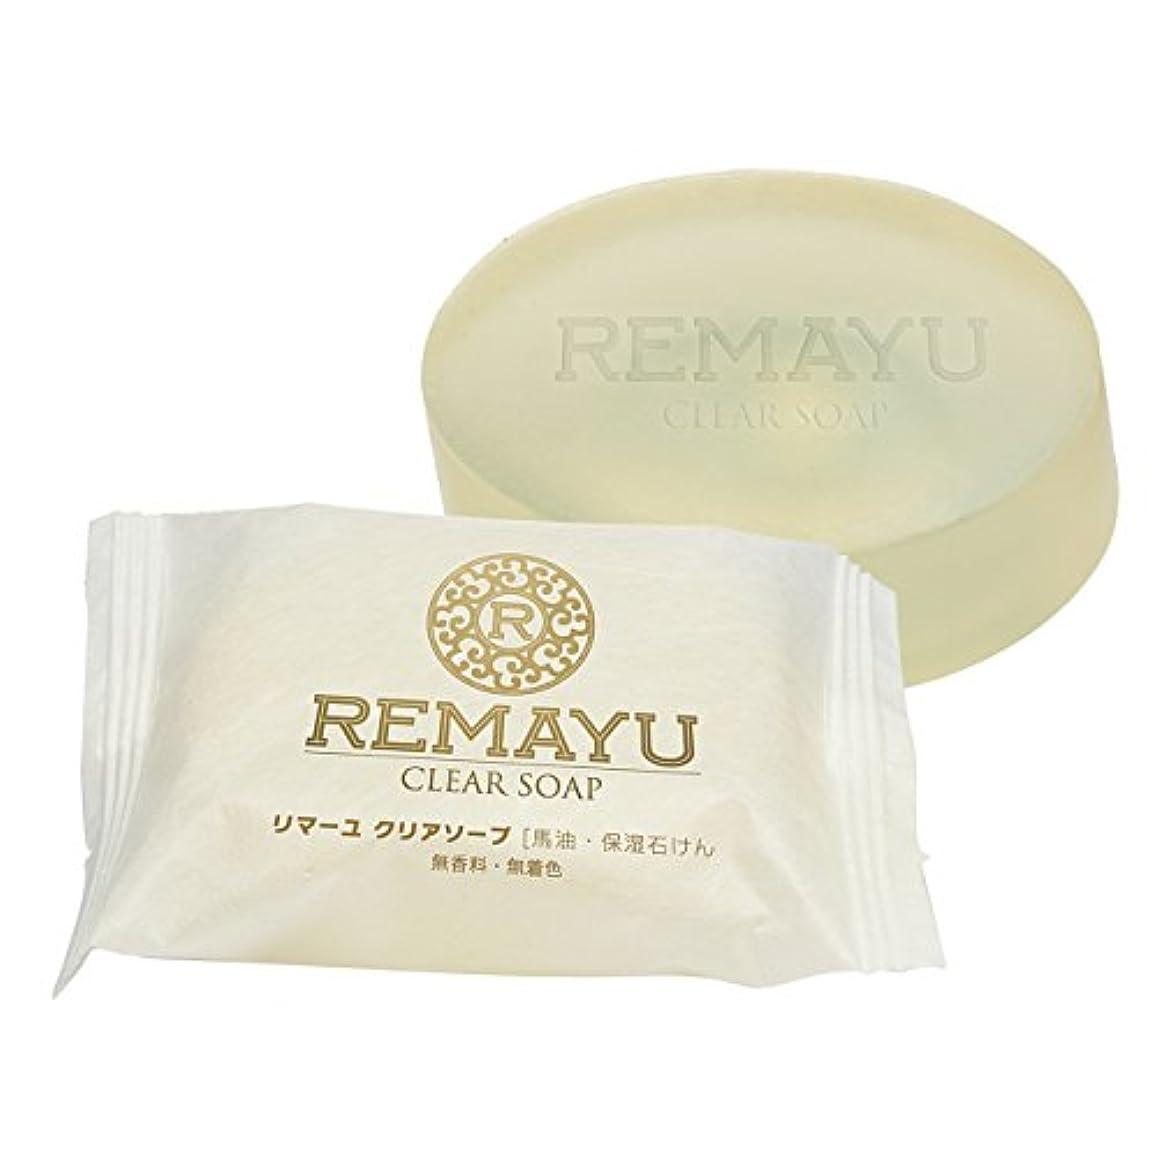 電子レンジヘルメット顔料リマーユ クリアソープ 90g 馬油 リバテープ製薬 日本製 ばゆ石鹸 ばゆ洗顔